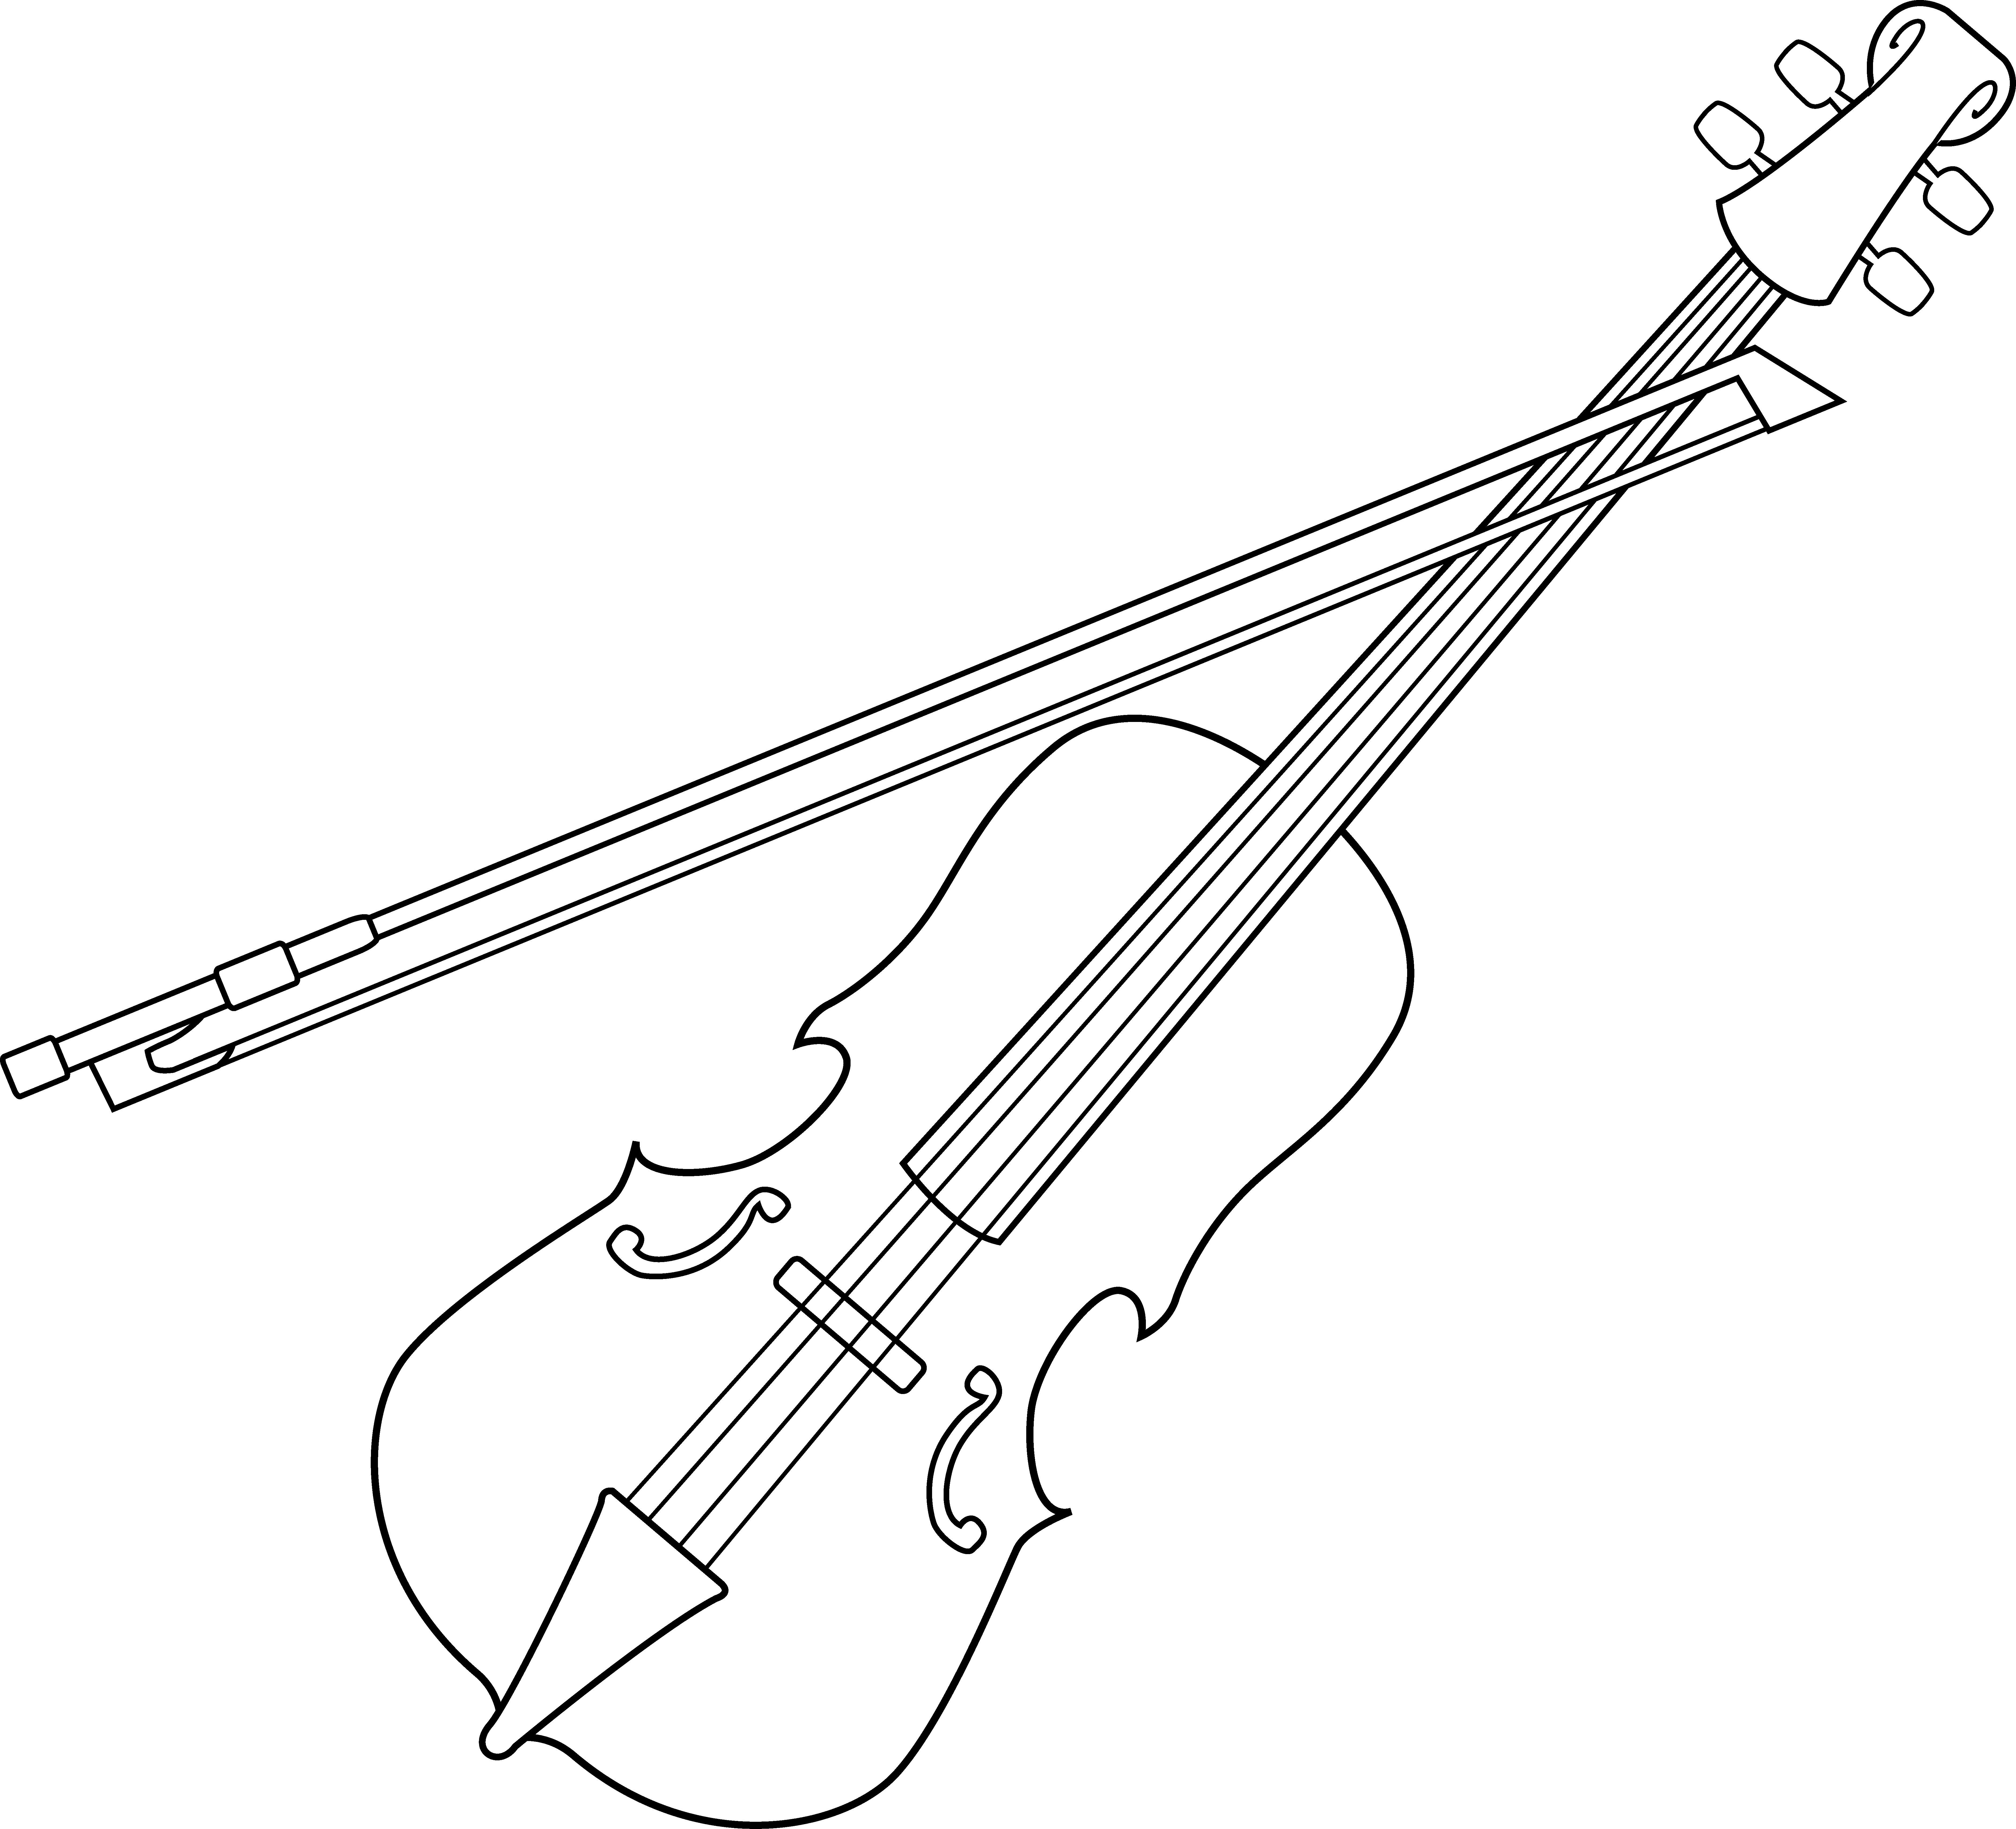 White clipart violin Colorable Design Clip Free Coloring